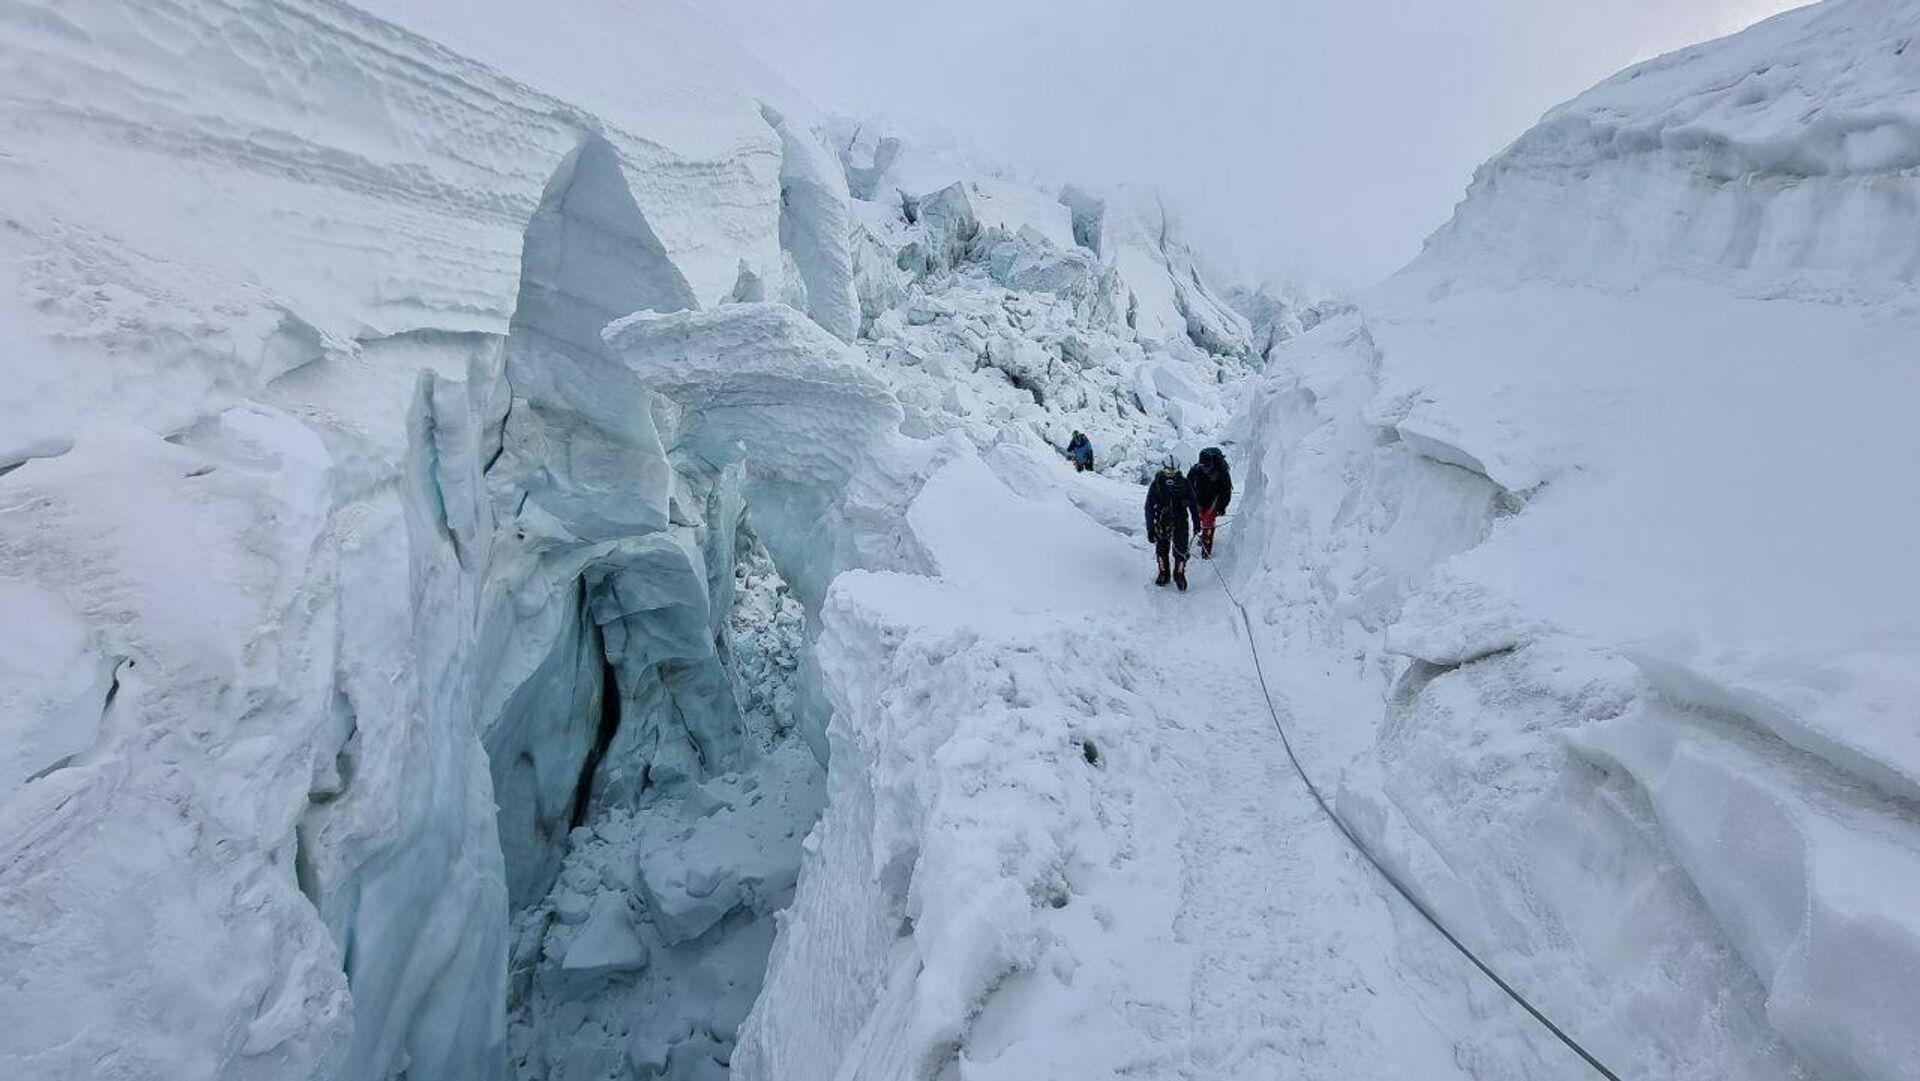 Ледники в районе Эвереста - Sputnik Таджикистан, 1920, 11.08.2021